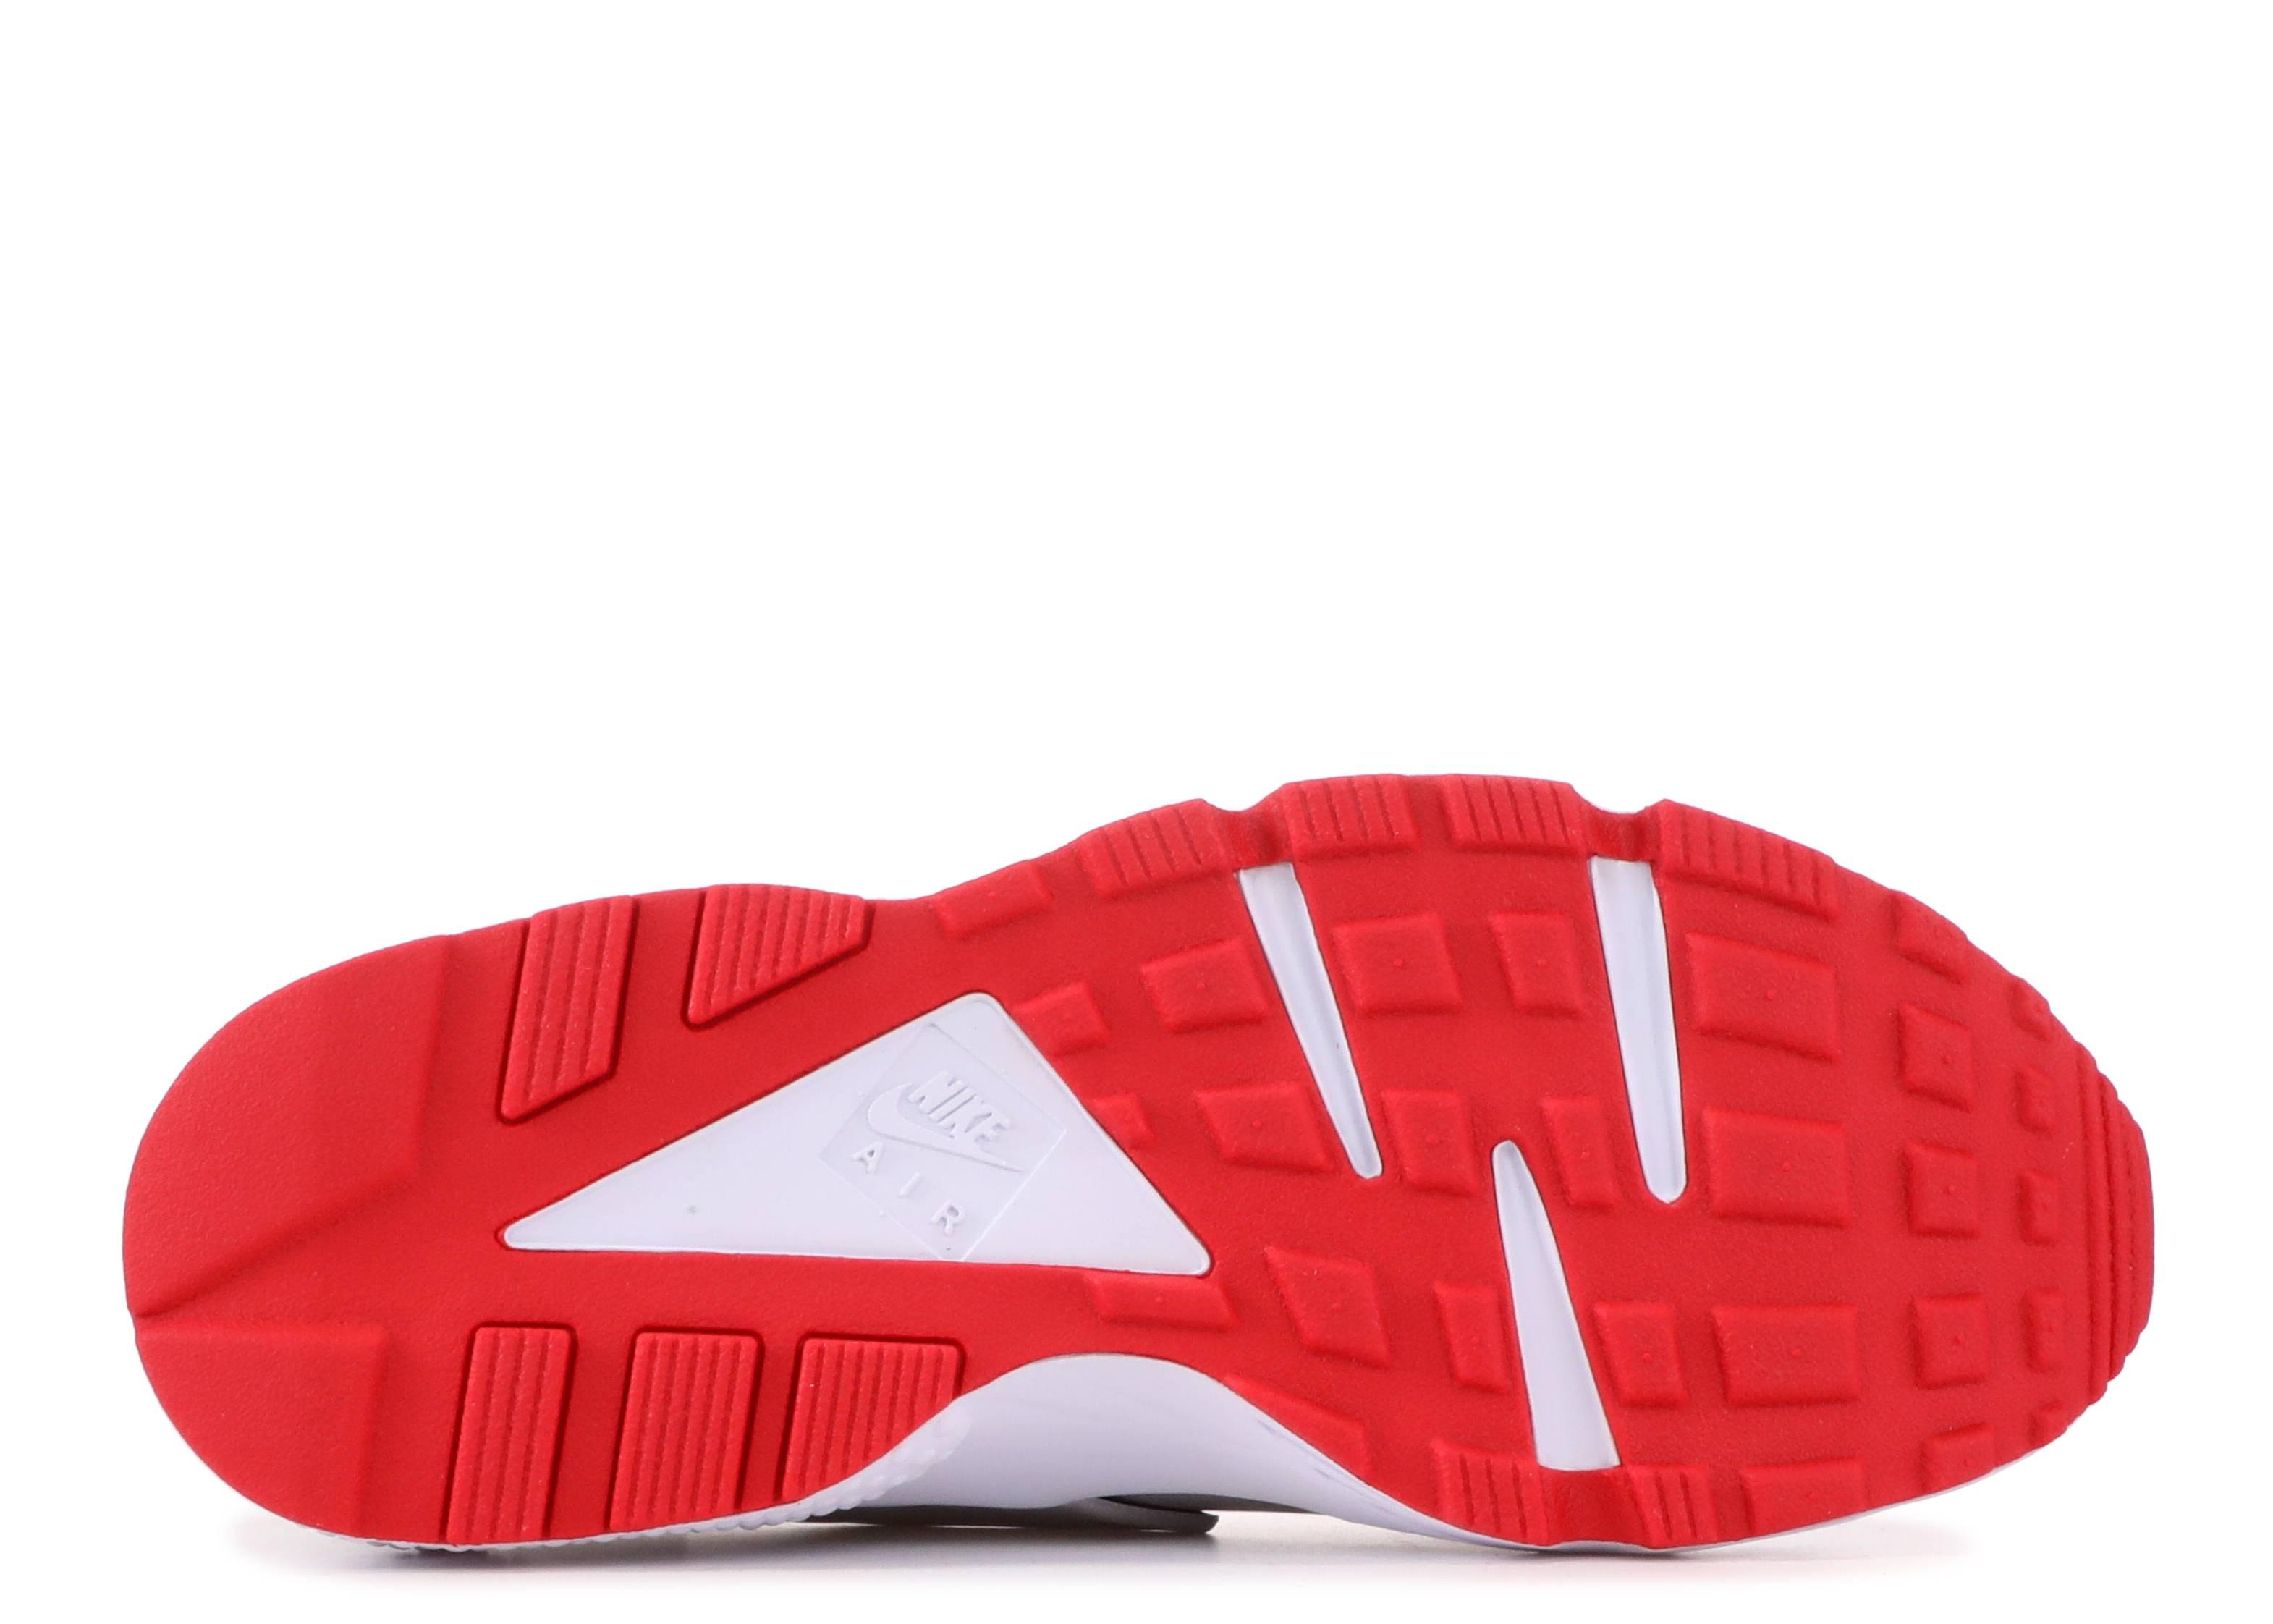 237e726a4277 Nike Air Huarache Run Zip QS